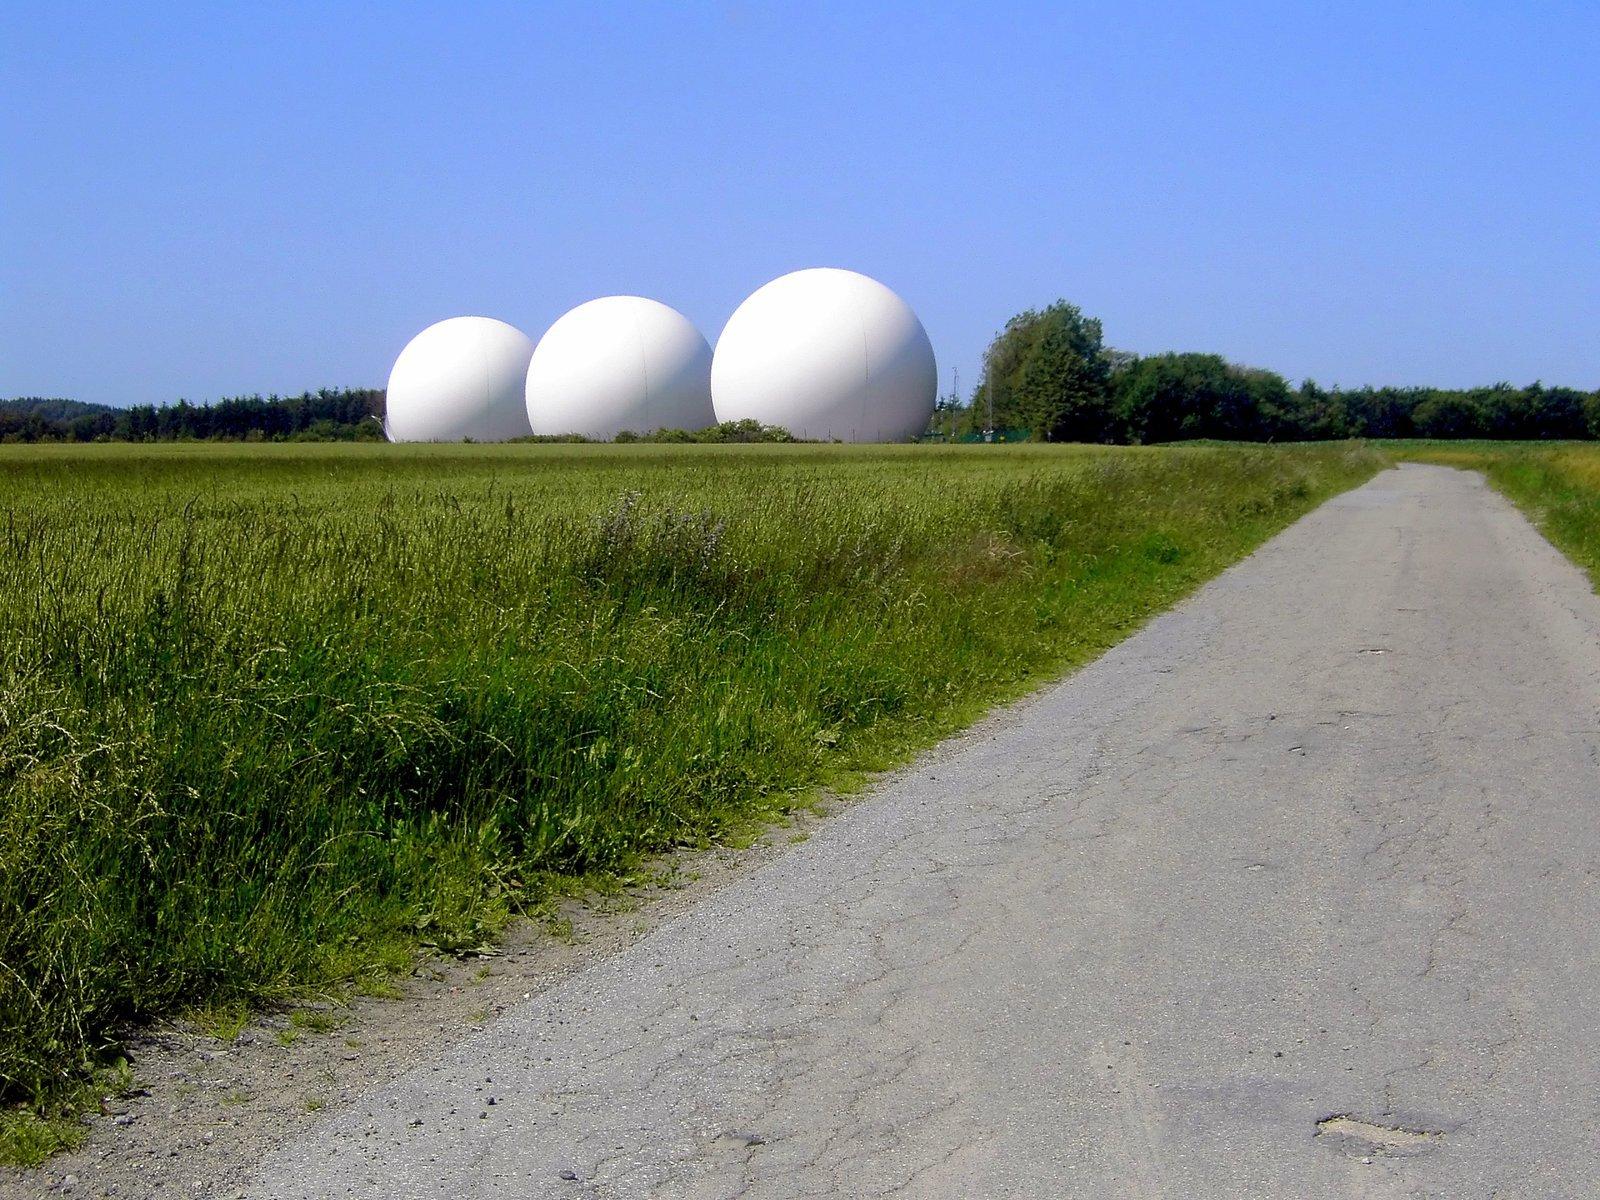 Echelon radar